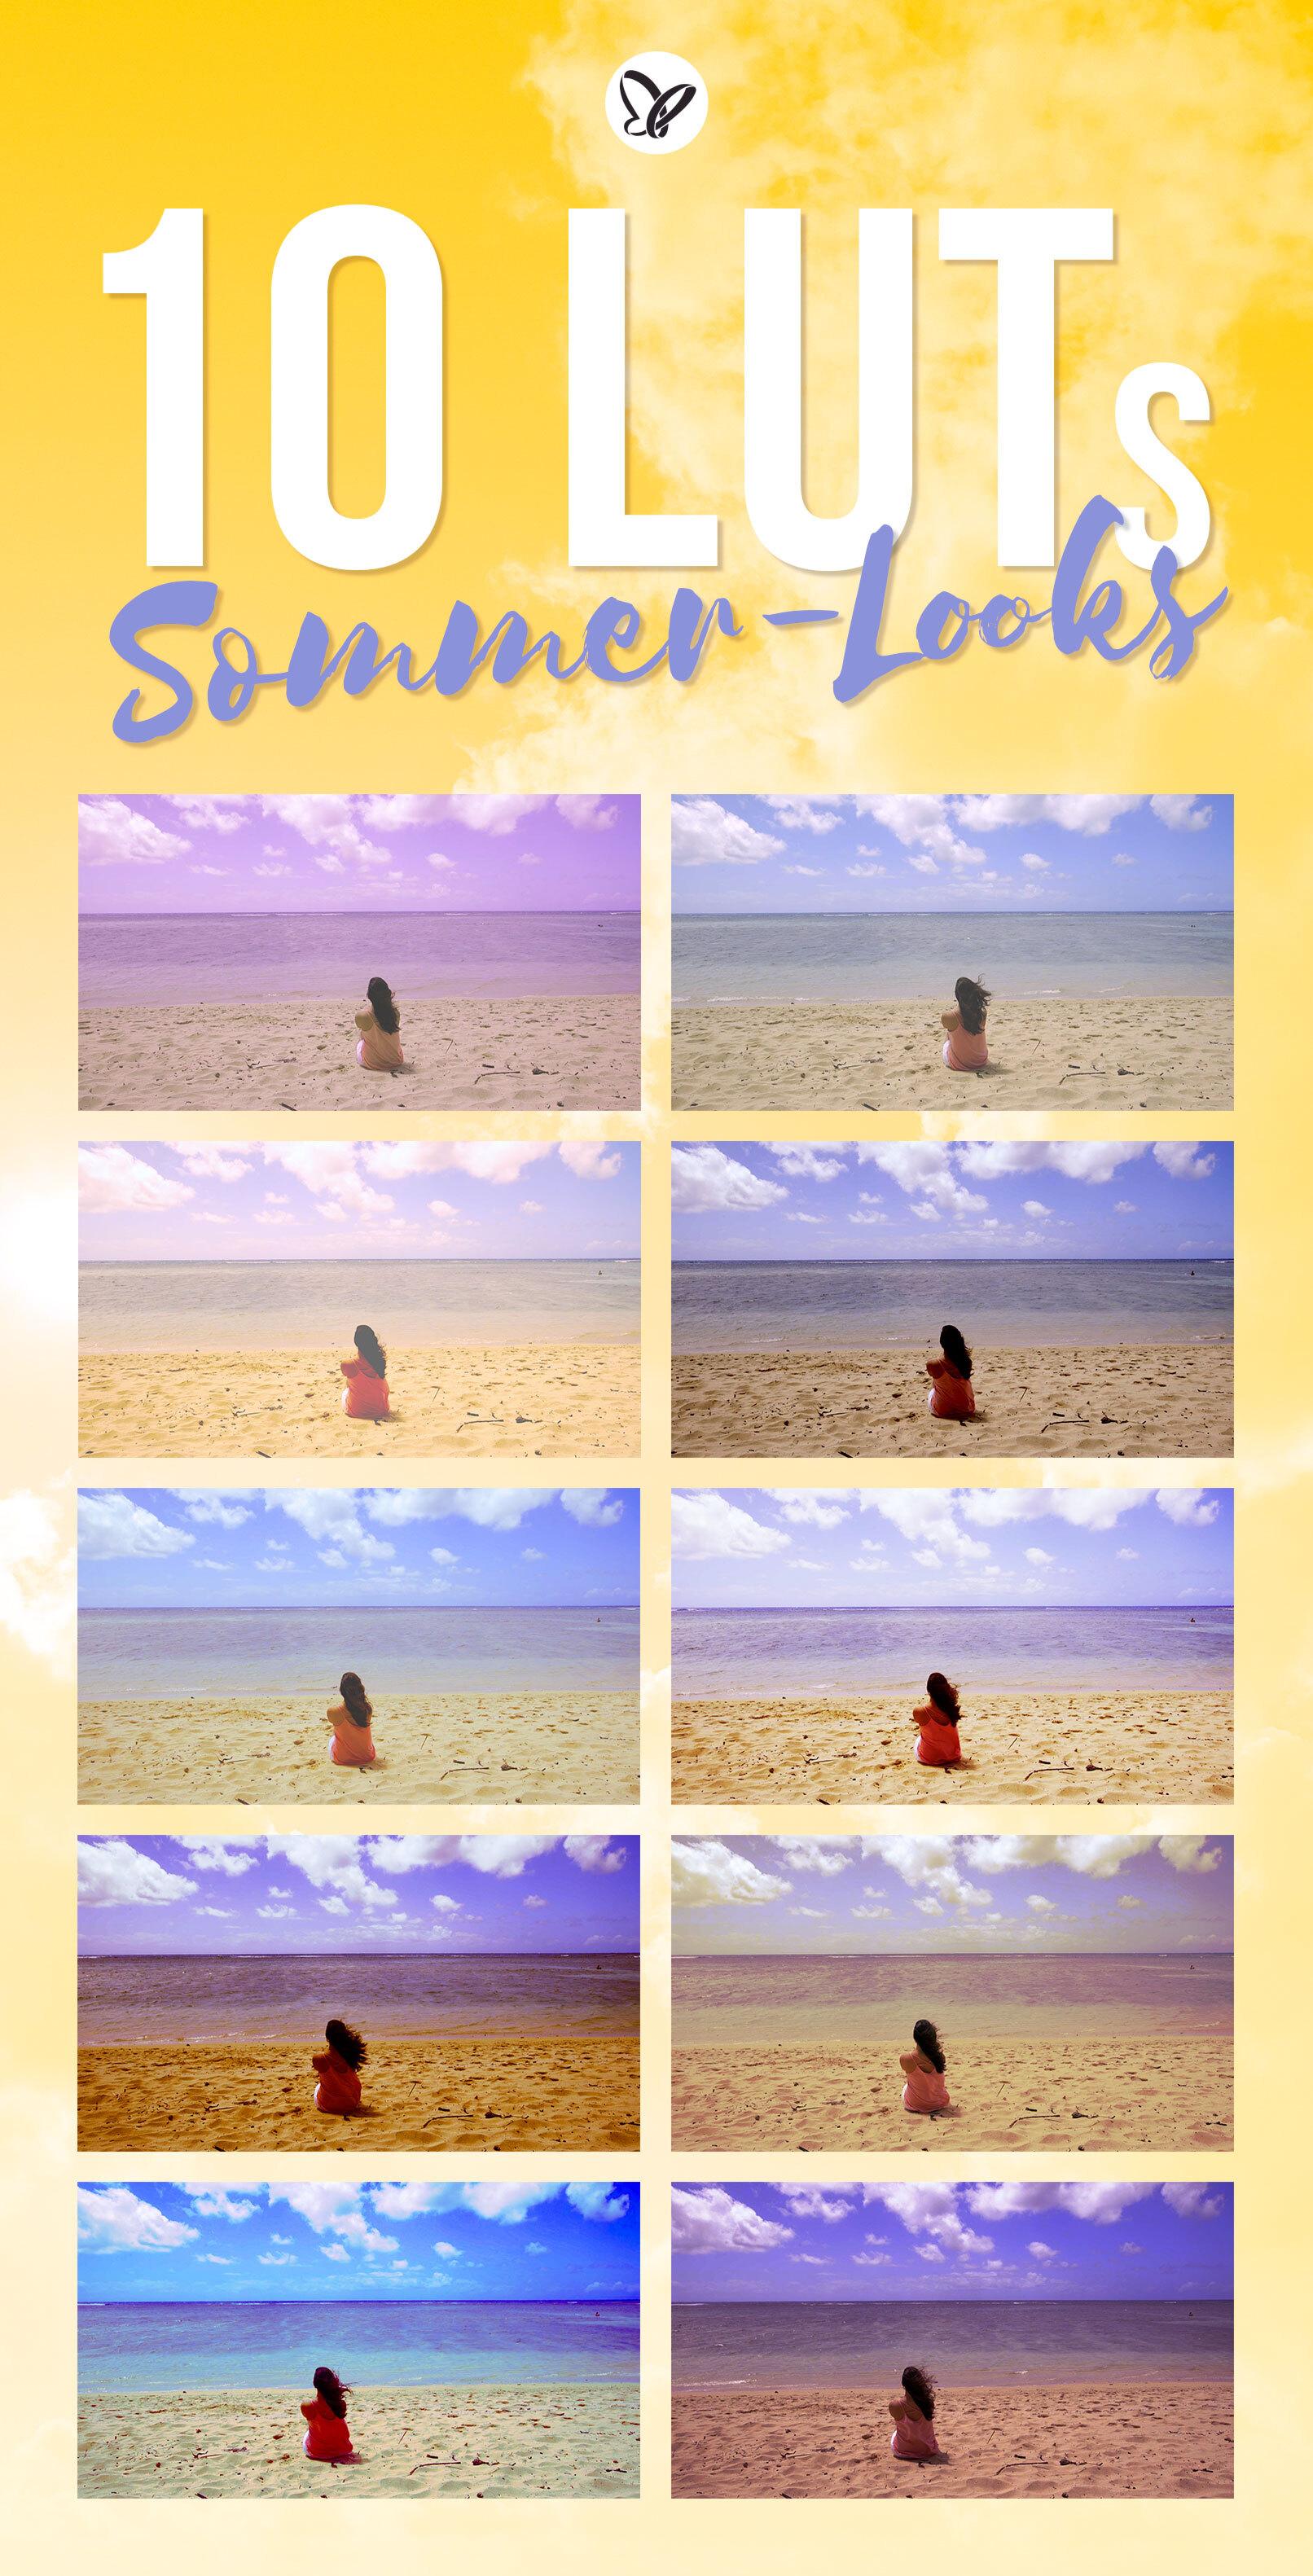 Vorschau auf die 10 Video-LUTs für sommerliche, warme Retro-Looks